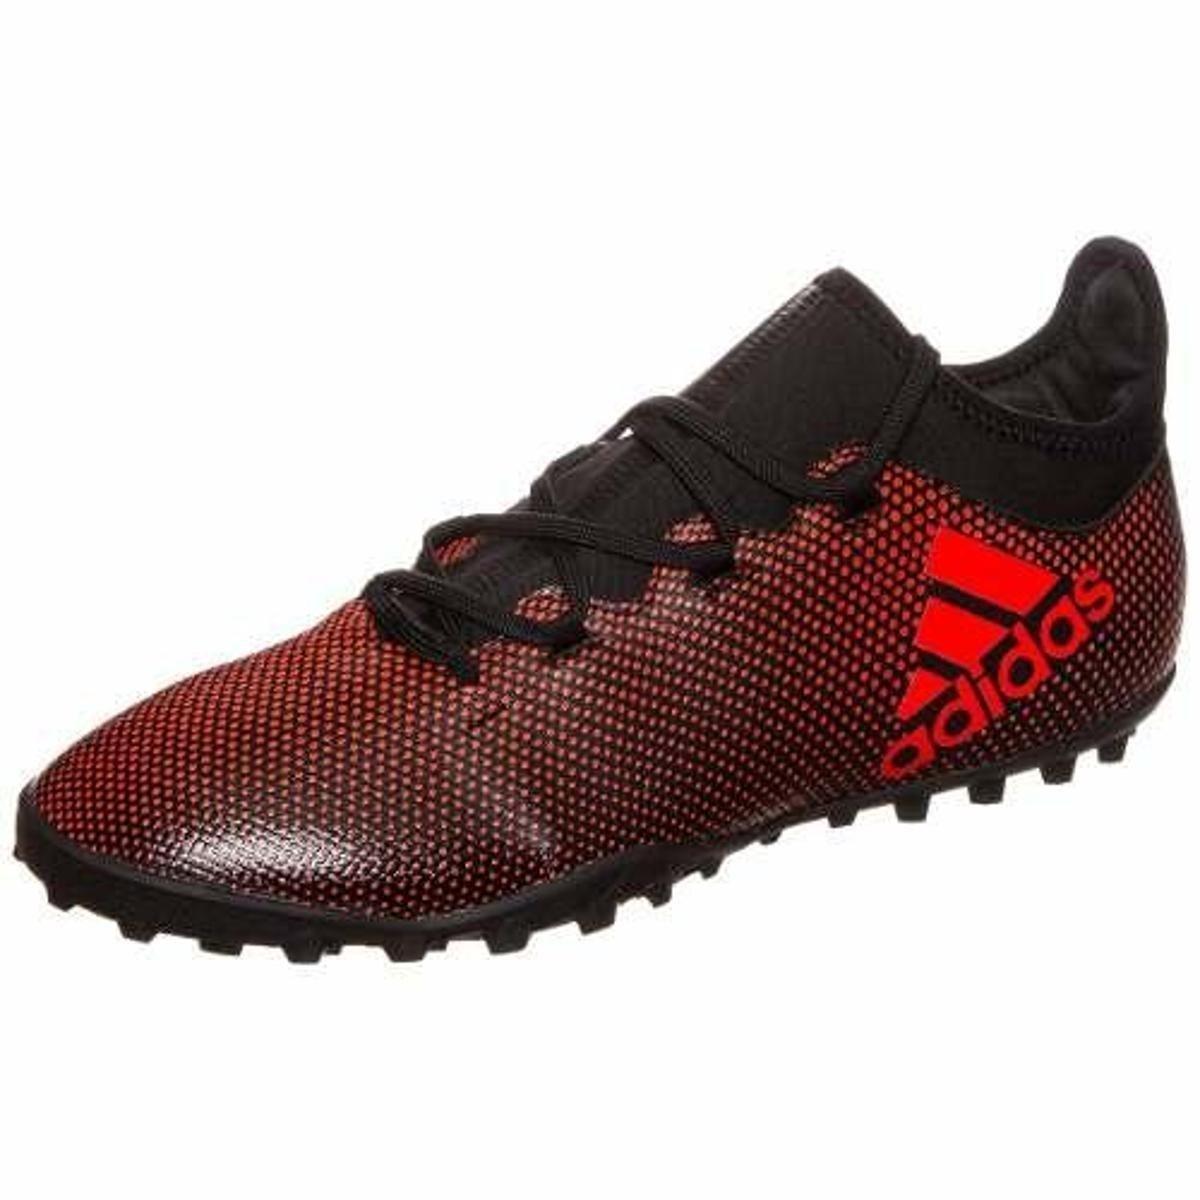 752b5b5a303 Chuteira Society Adidas X 17.3 TF - Compre Agora